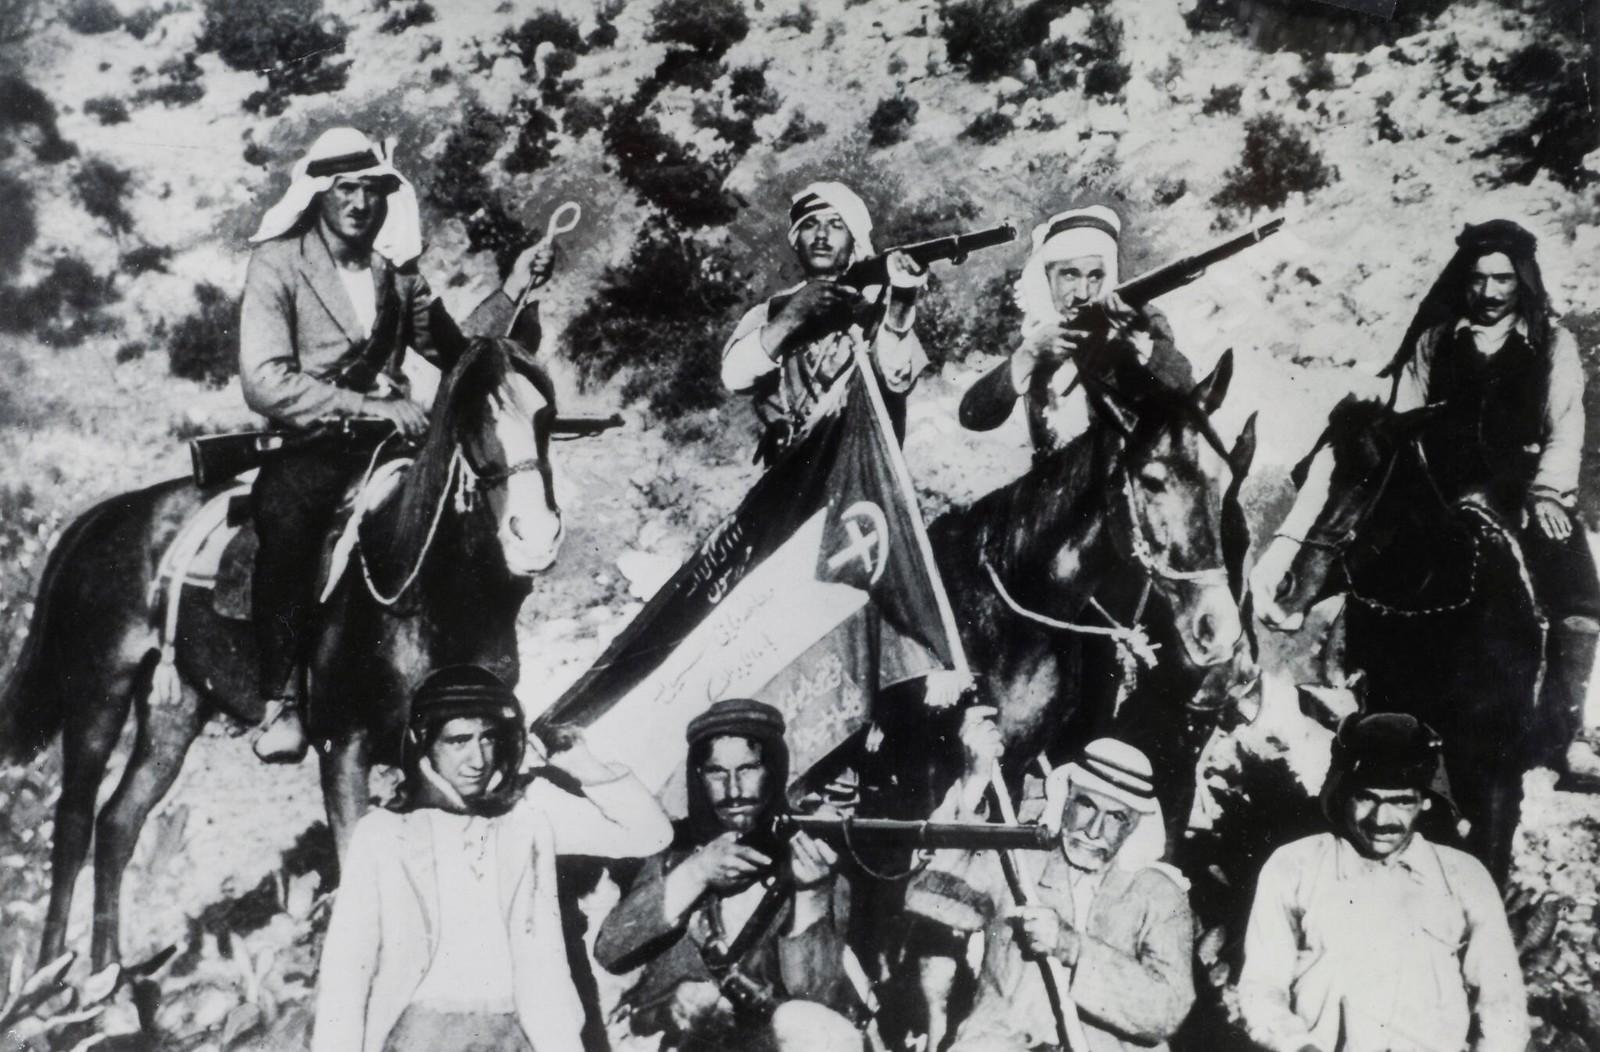 01. 1938. Так называемые арабские повстанцы во время арабского мятежа в Палестине. Эта фотография была найдена на теле Нур Ибрагима, известного лидера арабского восстания, убитого патрулем. Ноябрь